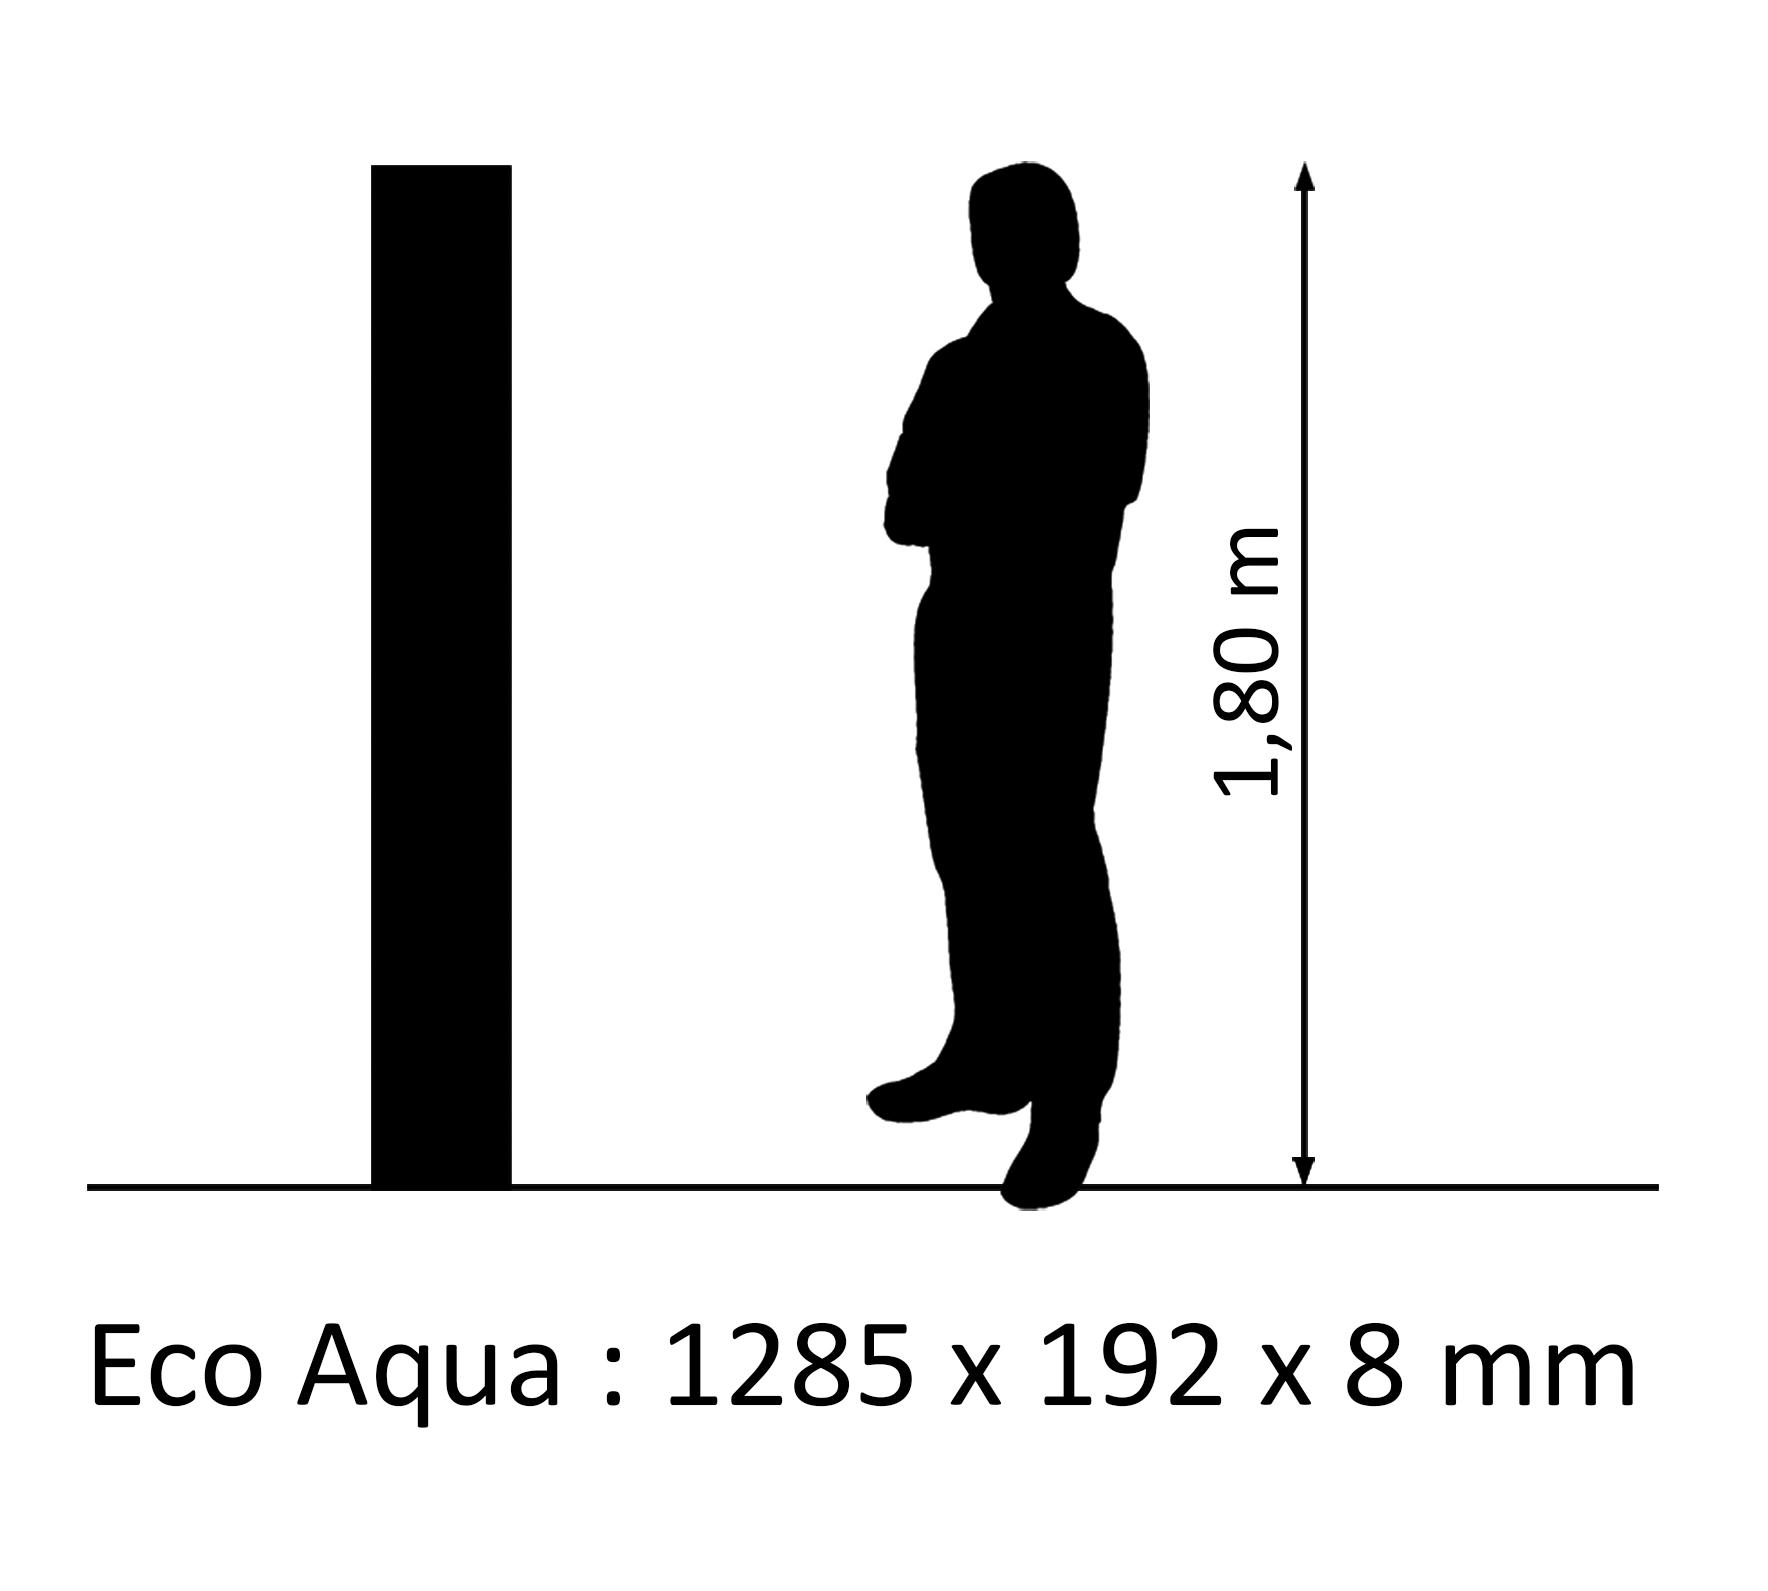 Wiparquet Eco Aqua Oak light natural